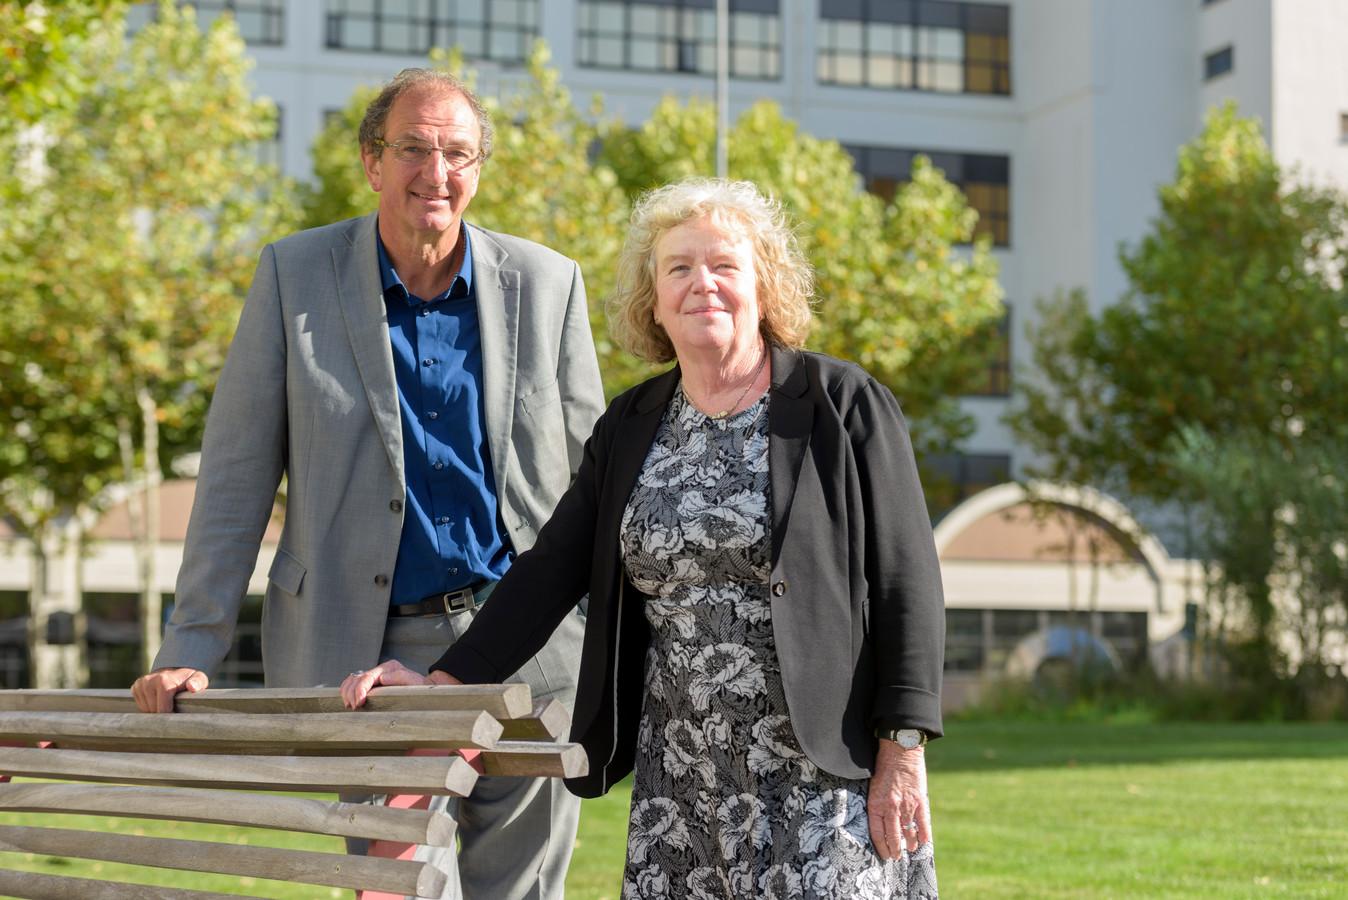 Peter Notten en Jeanny van den Berg vormden vorig jaar samen de directie van WIJeindhoven (archieffoto).